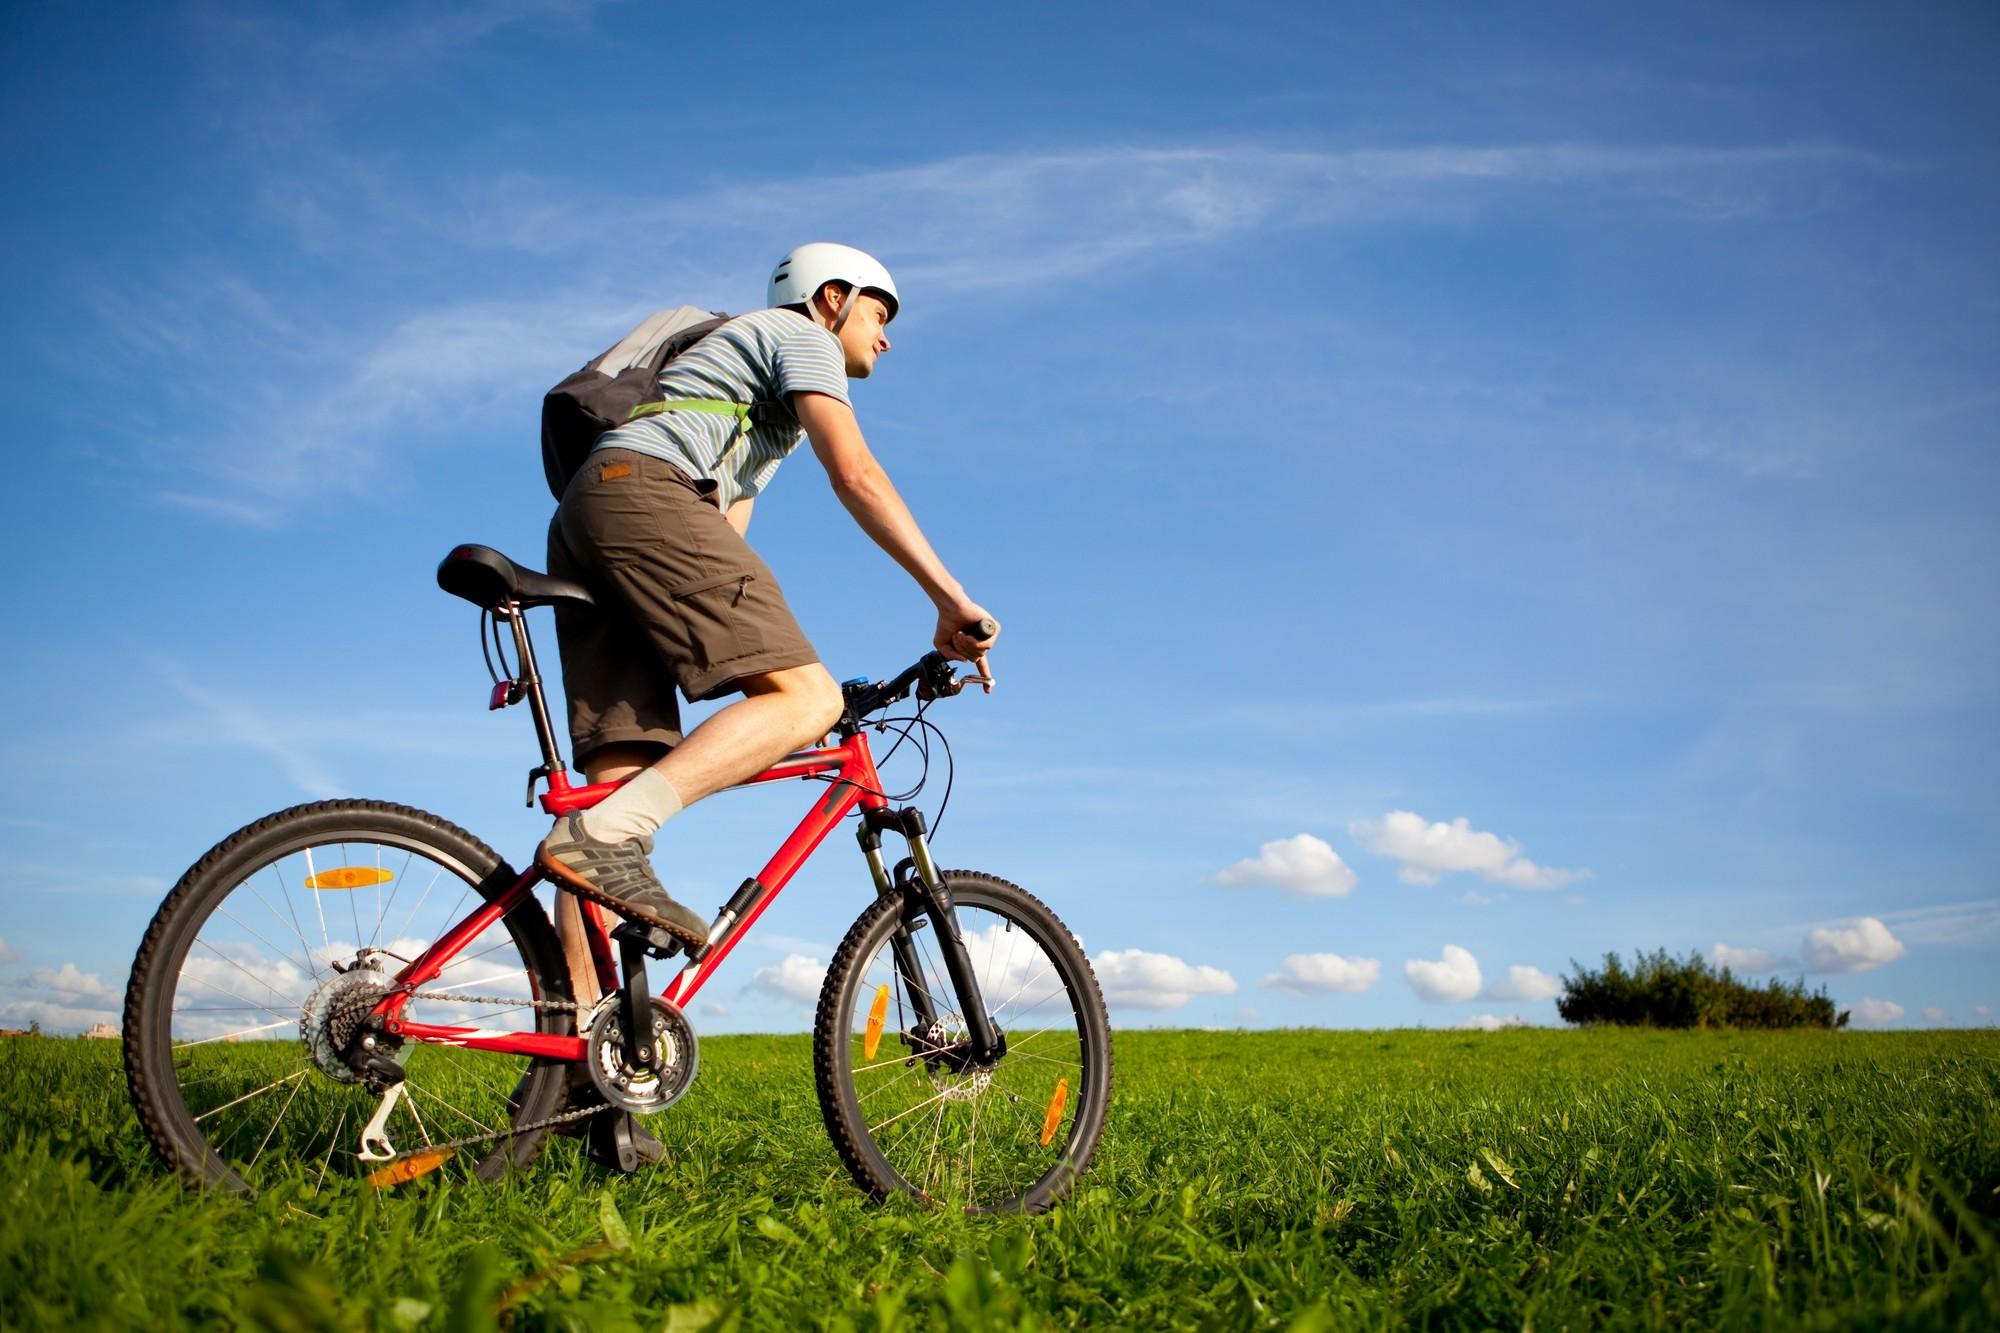 Modalidades de ciclismo. Practica un deporte divertido